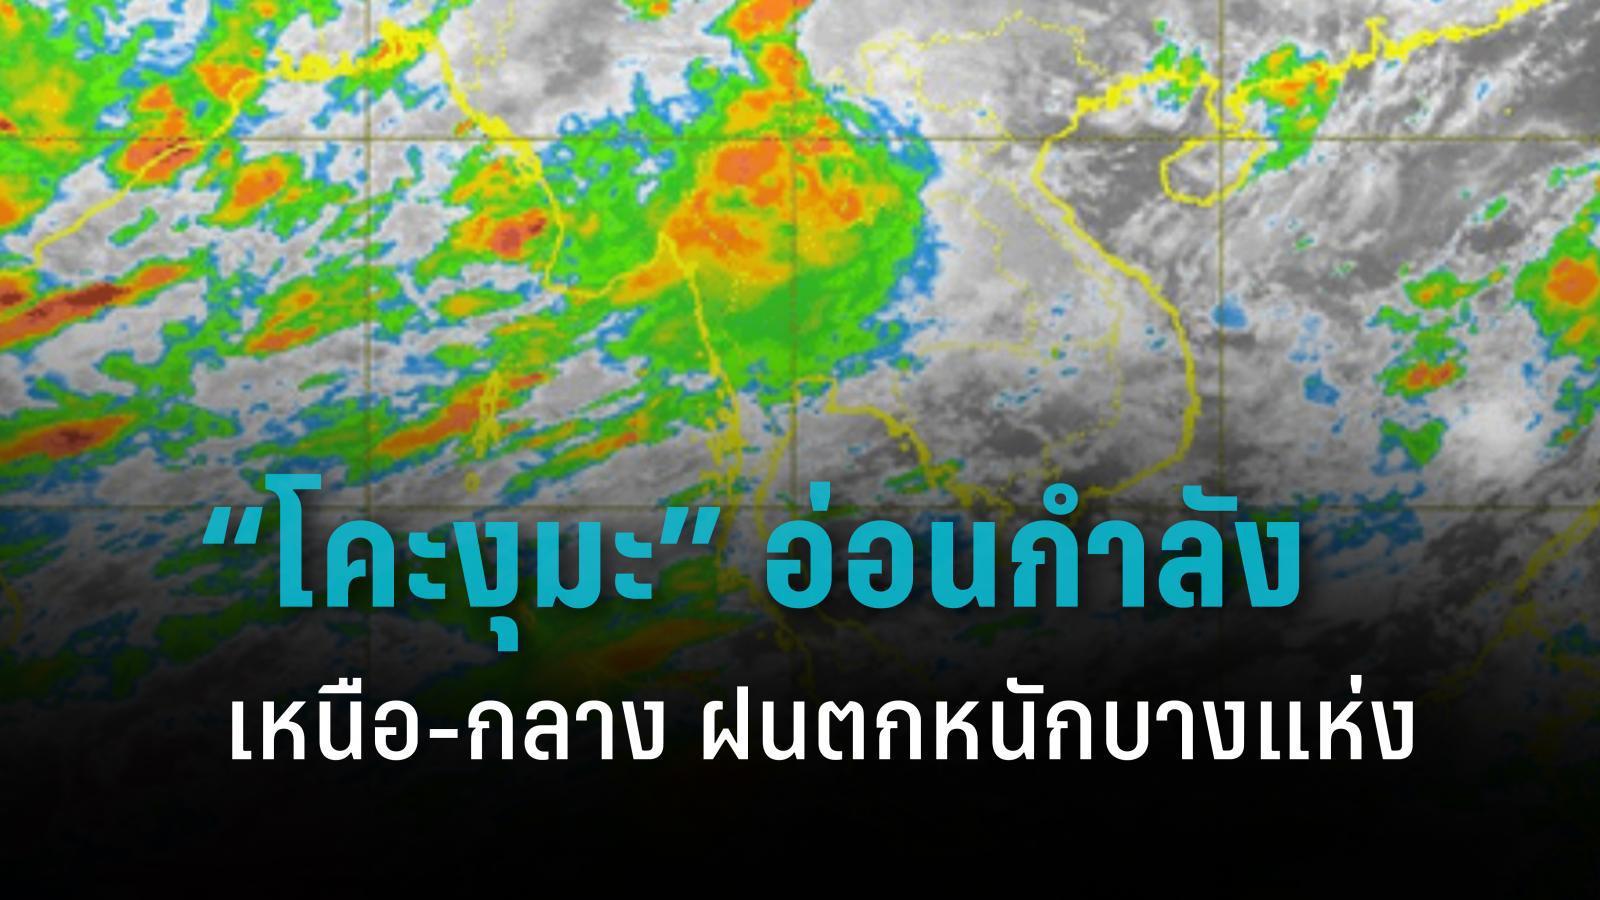 """อุตุฯ เตือน เหนือ-กลาง ฝนตกหนักบางแห่ง พายุดีเปรสชัน """"โคะงุมะ"""" อ่อนกำลัง"""